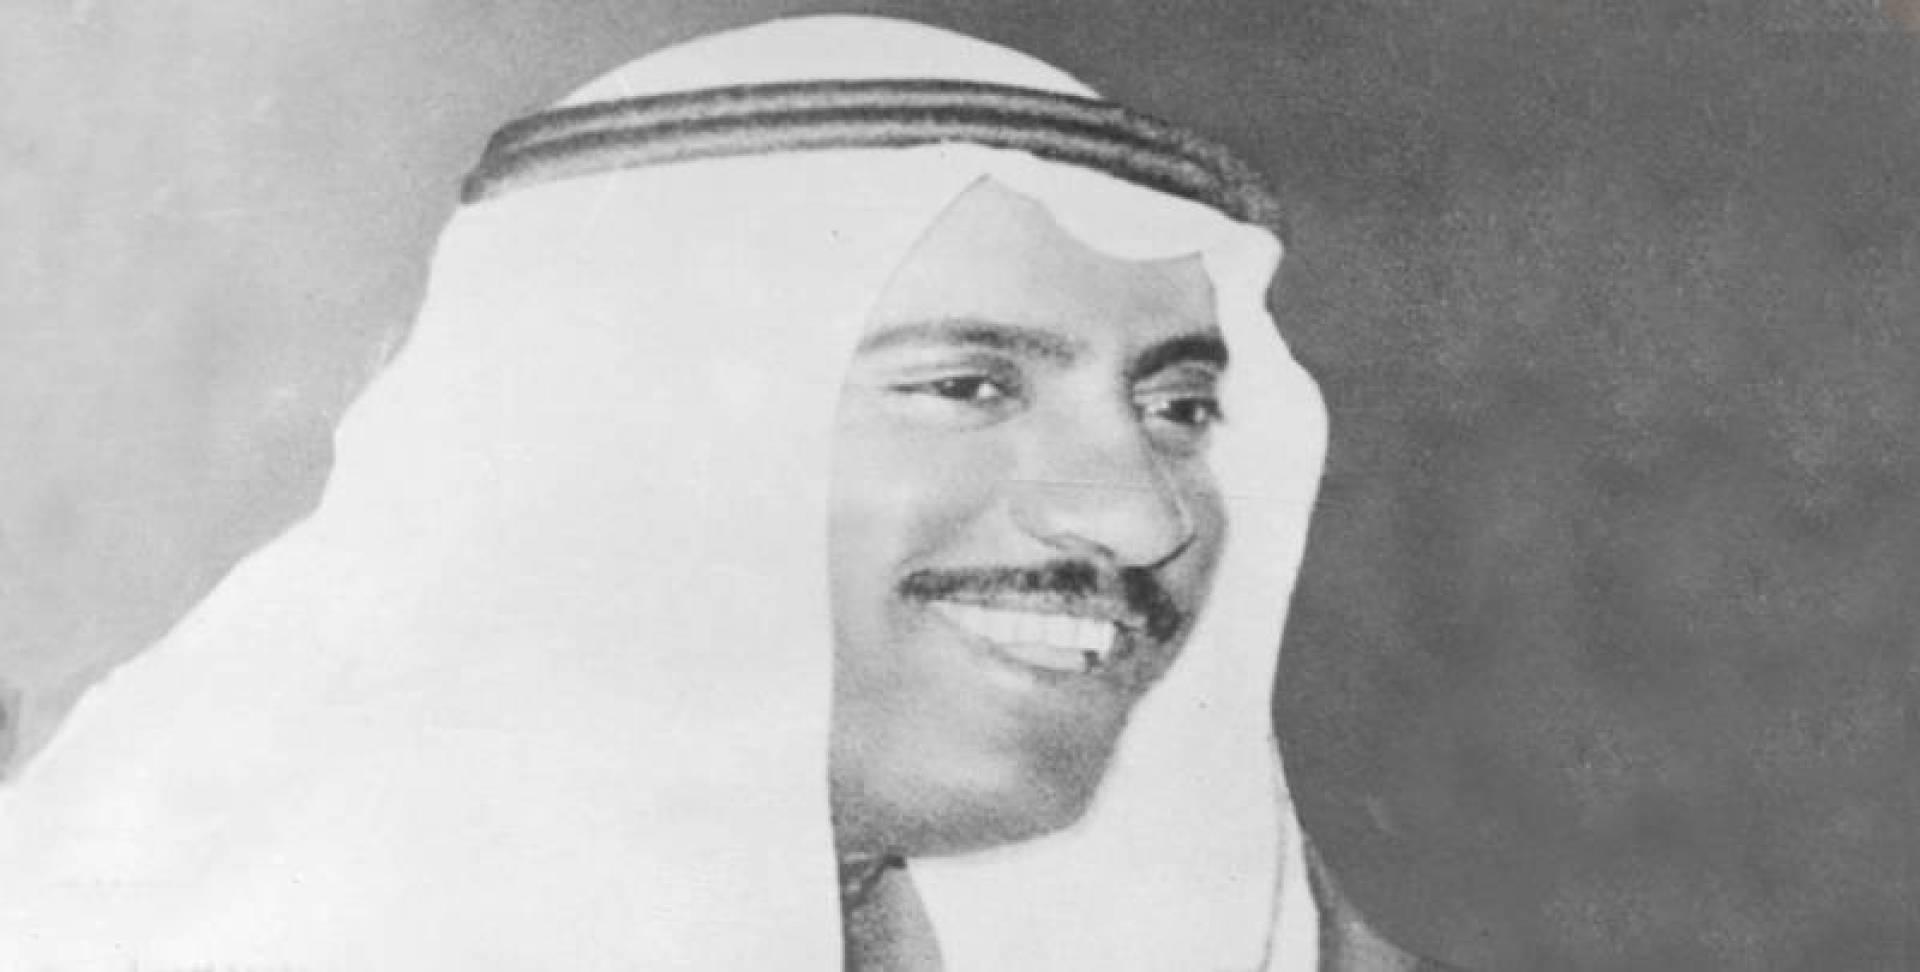 1972| مجلس الوزراء يقر رفع مكافآت أعضاء البلدية إلى 400 دينار